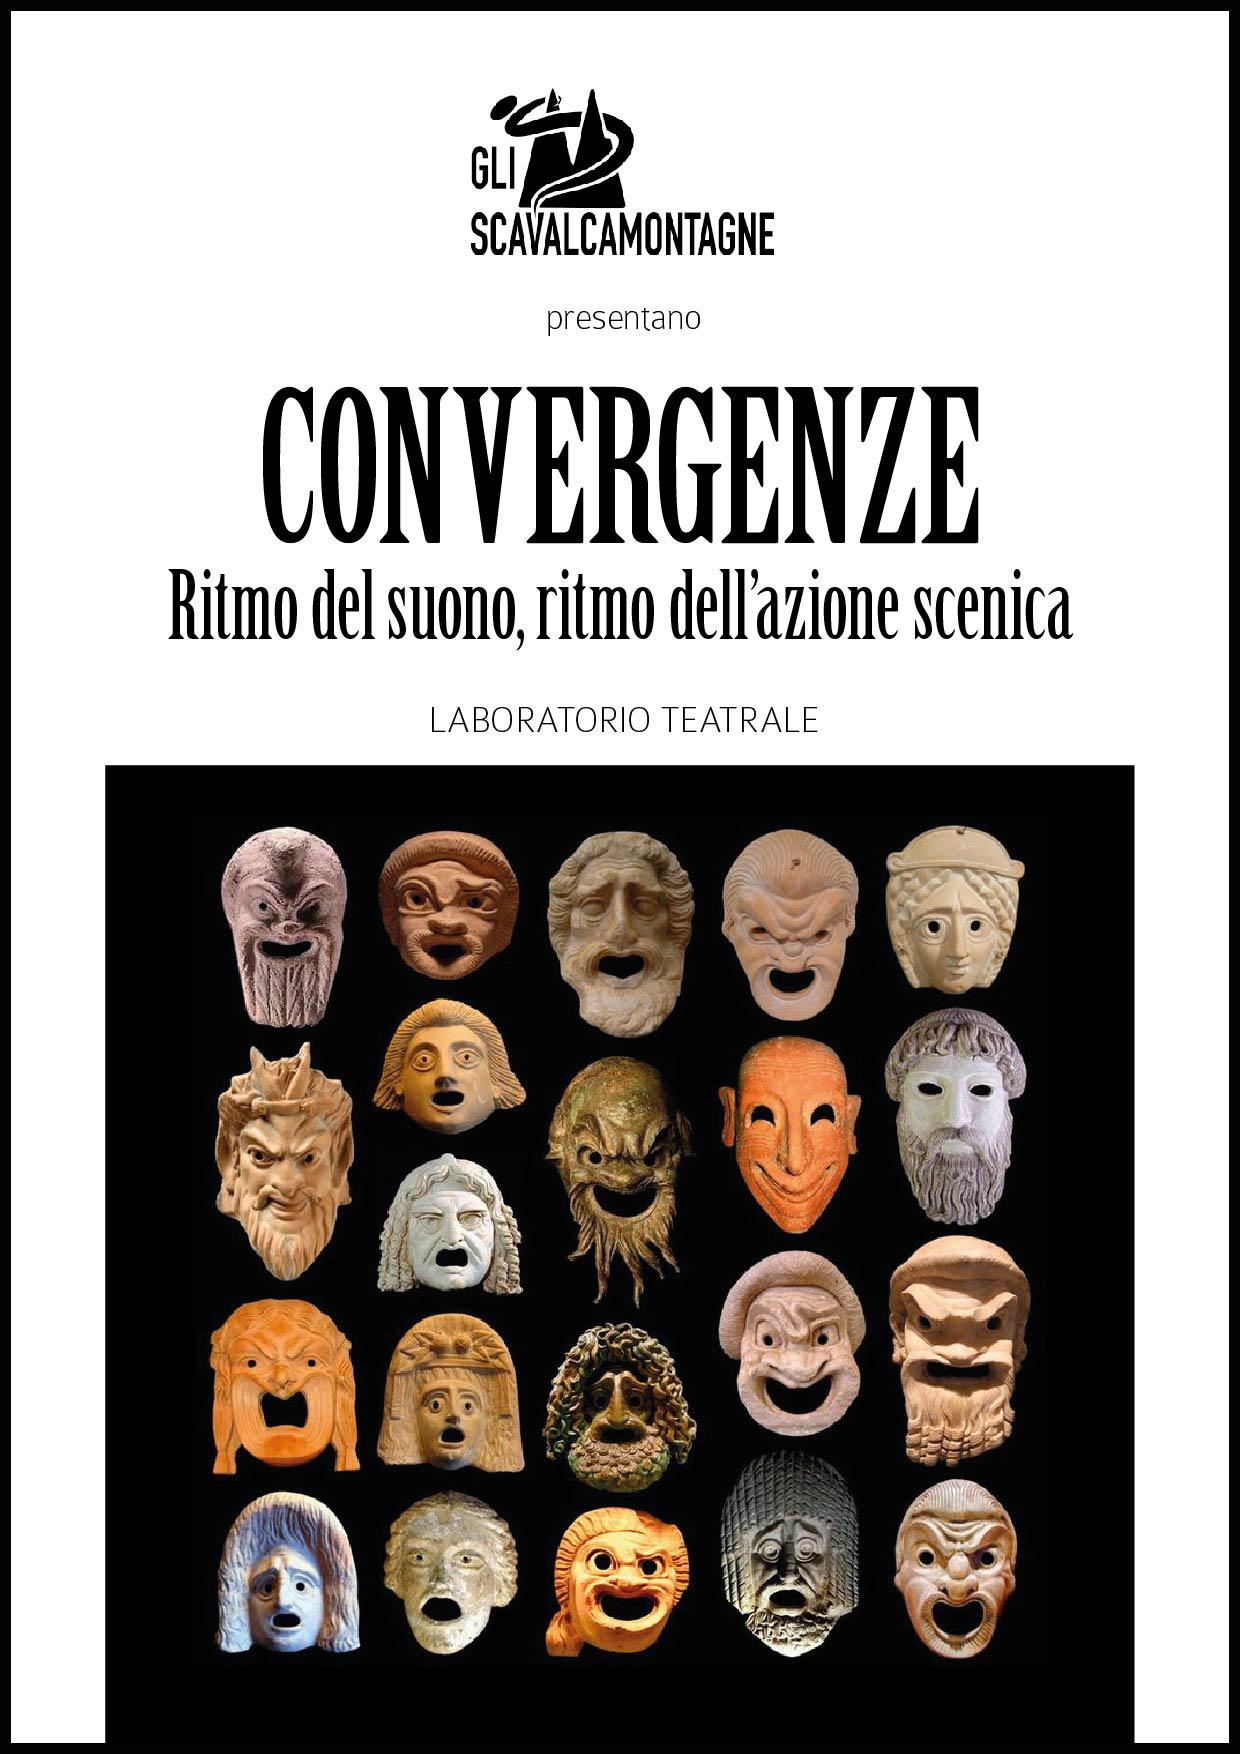 Convergenze – Laboratorio Teatrale – Serata di Presentazione